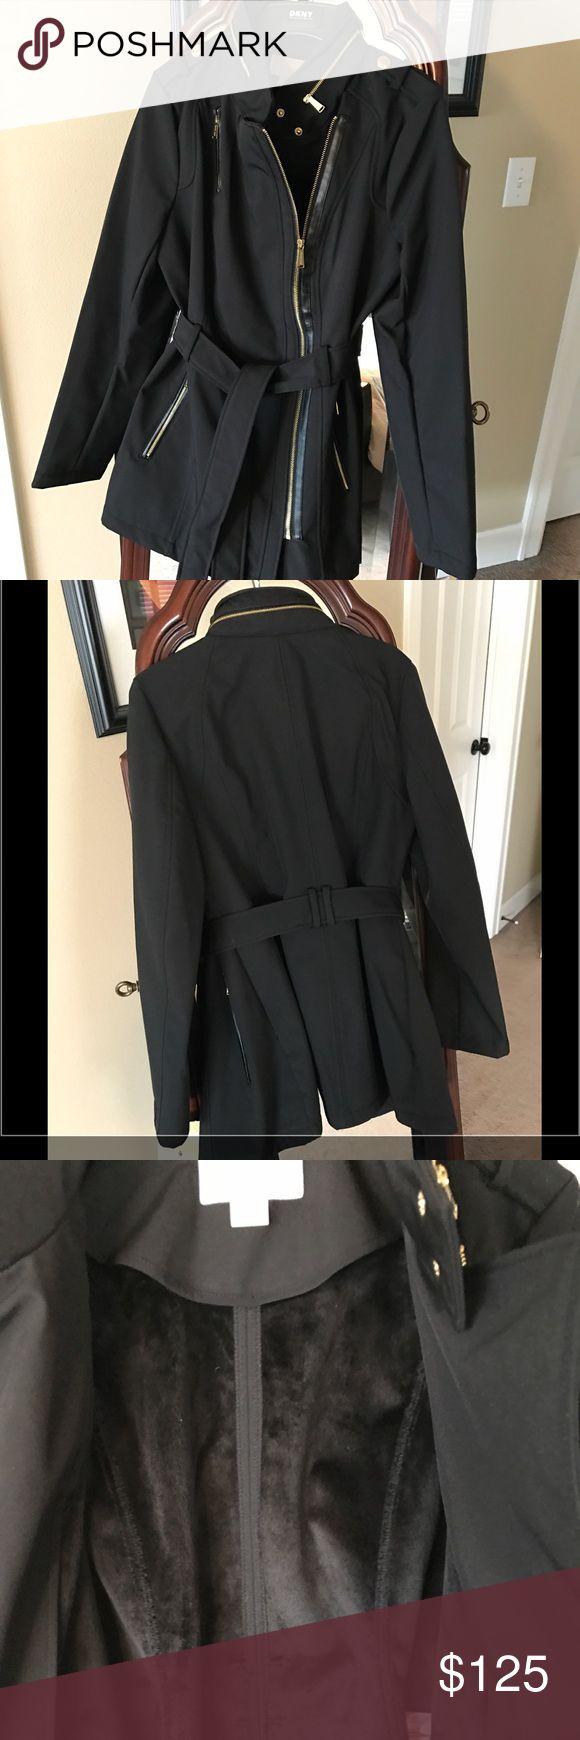 Michael Kors water resistant coat Sleek water resistant jacket, cozy furry liner for warmth, hidden hood for rainy days! MICHAEL Michael Kors Jackets & Coats